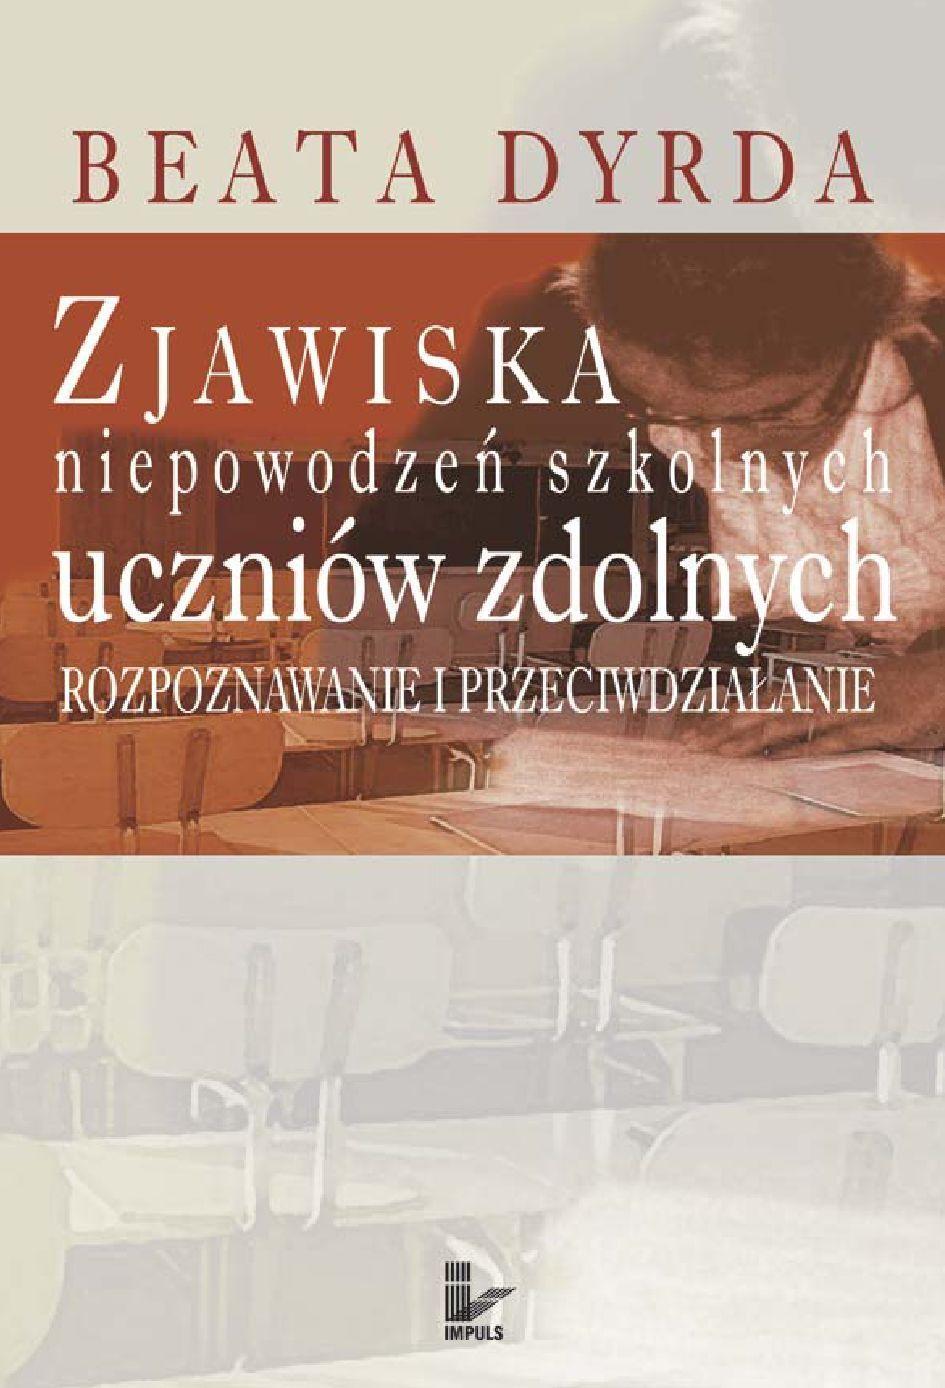 Zjawiska niepowodzeń szkolnych uczniów zdolnych - Ebook (Książka EPUB) do pobrania w formacie EPUB